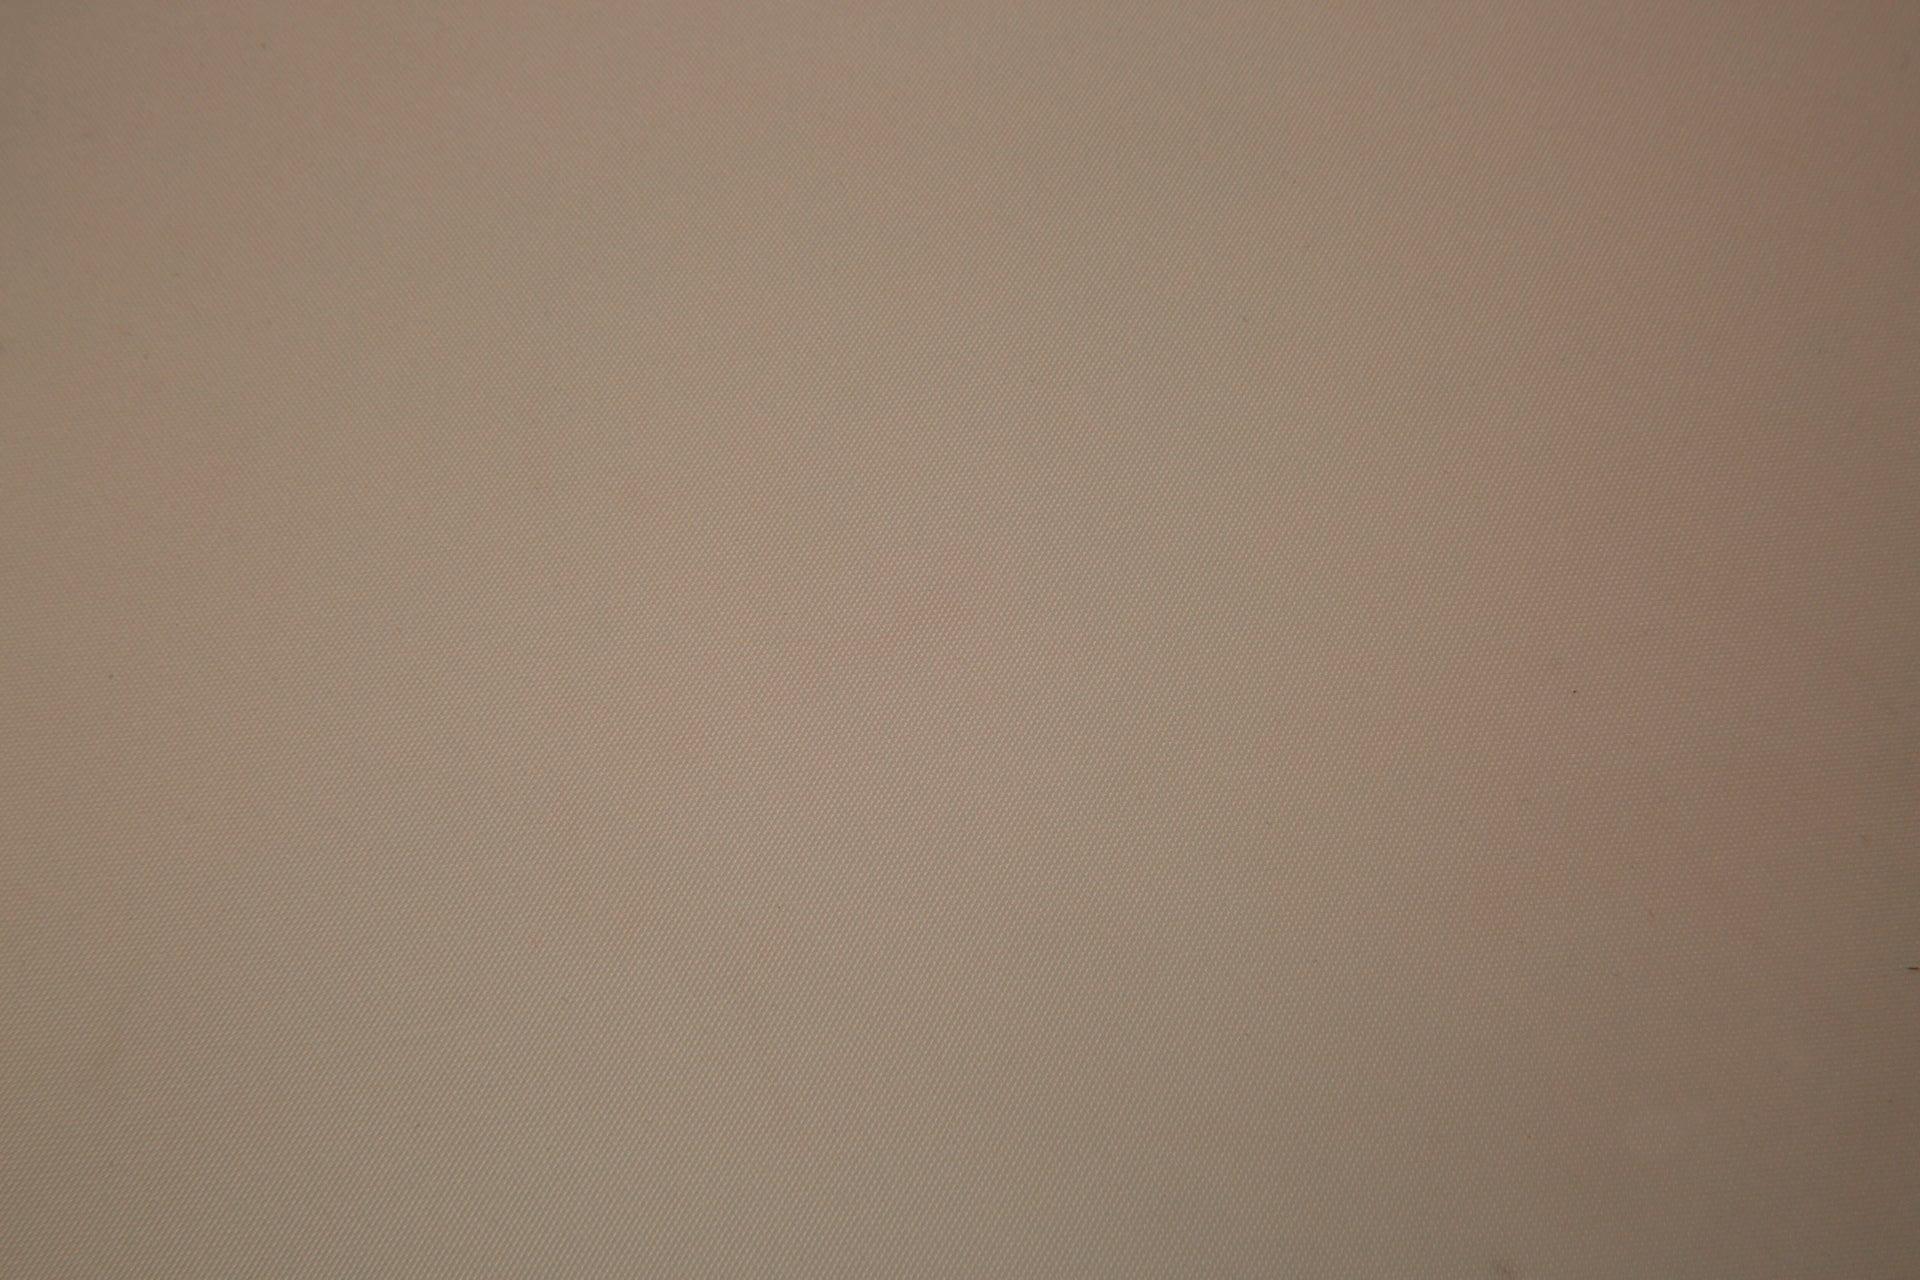 Vela ombreggiante Shade rettangolare tortora 300 x 400 cm - 2